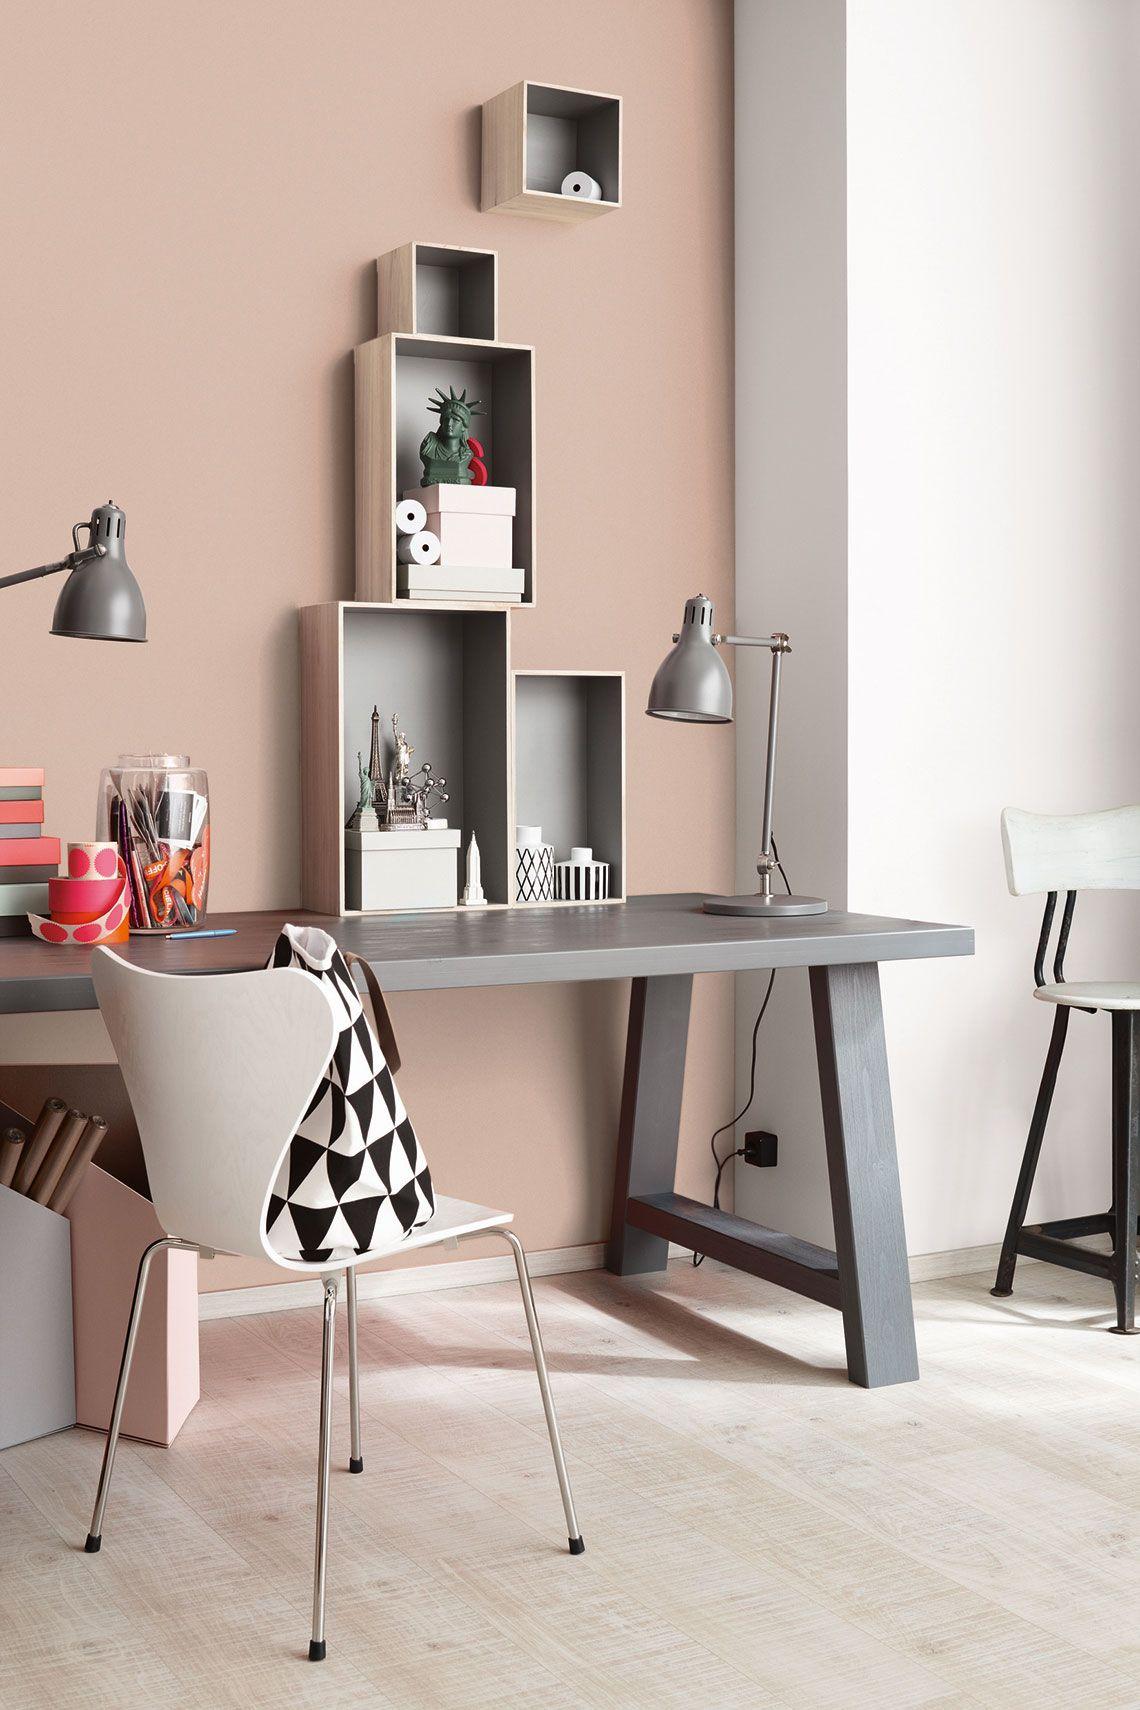 Unsere Wohnwelten Lassen Sie Sich Inspirieren Wohnzimmer Schlafzimmer Kuchen Esszimmer Und Weitere Raume Im Sc Schoner Wohnen Farbe Schoner Wohnen Wohnen